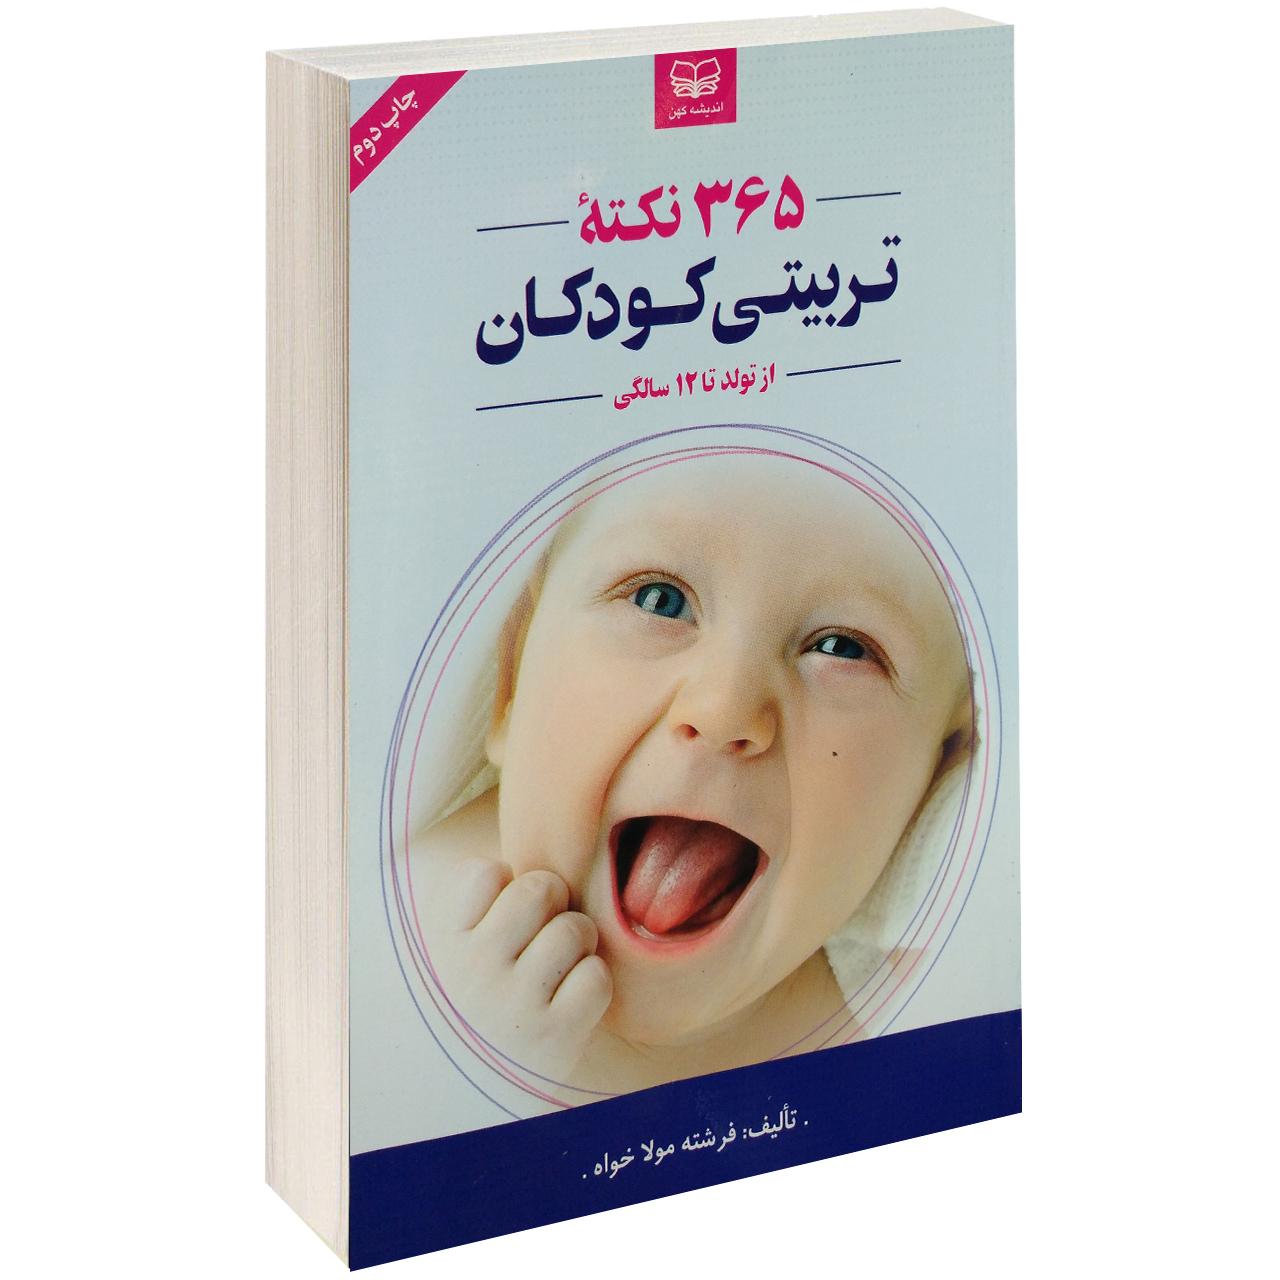 خرید                      کتاب 365 نکته تربیتی کودکان از تولد تا 12 سالگی اثر فرشته مولا خواه